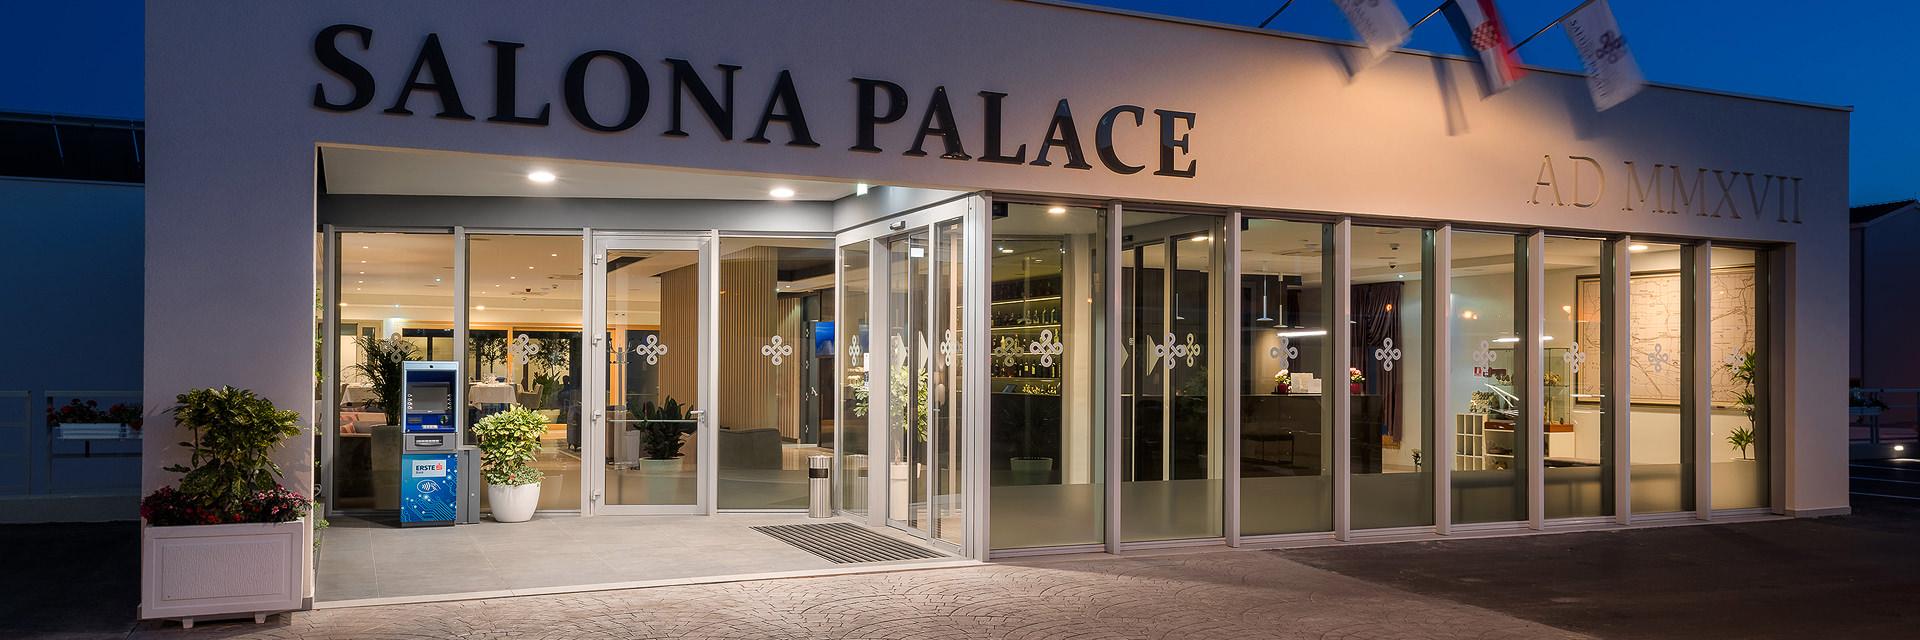 LUXURY HOTEL SALONA PALACE